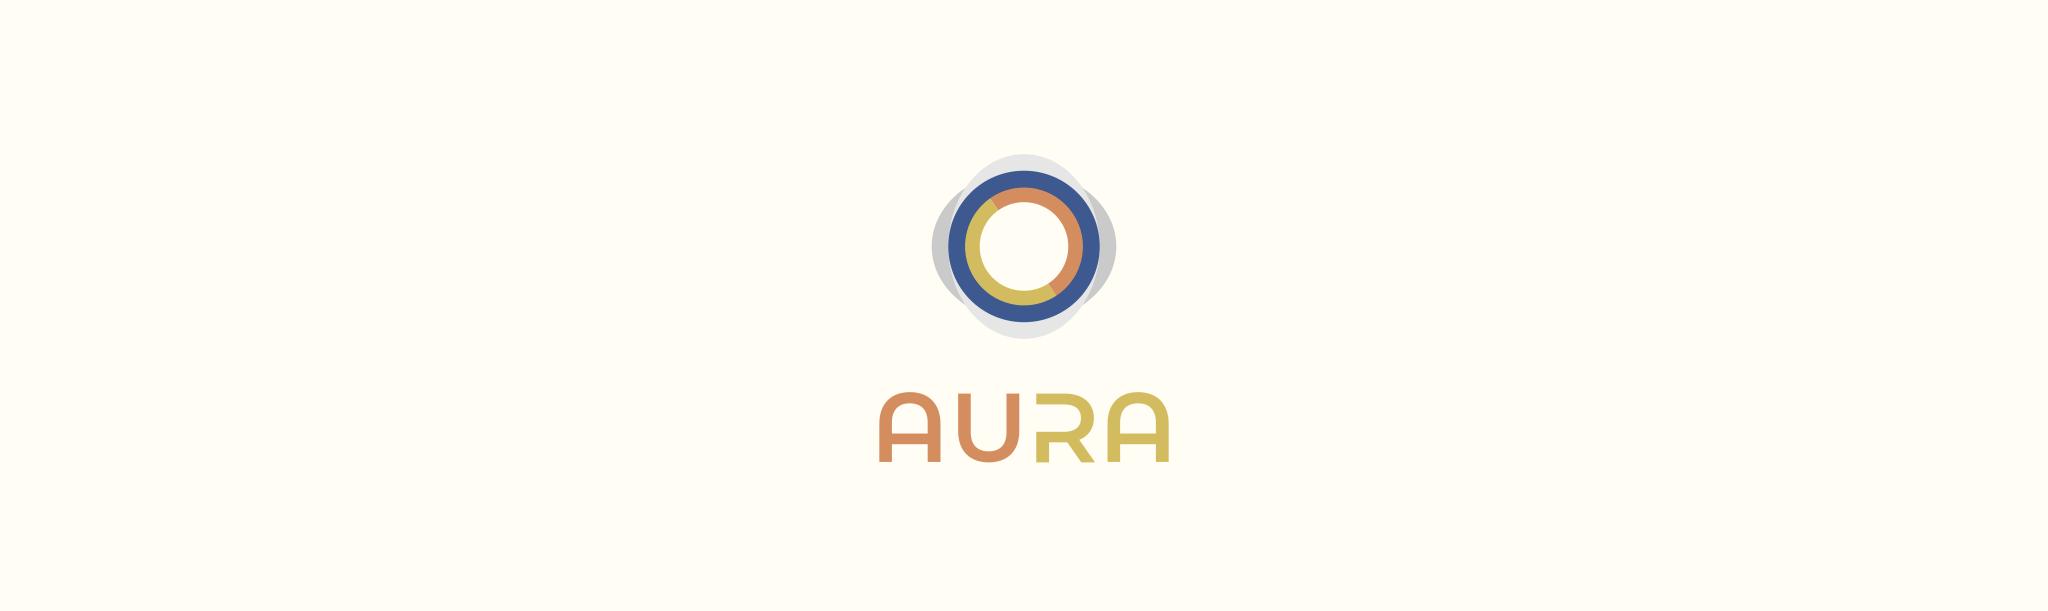 aura_banner.png